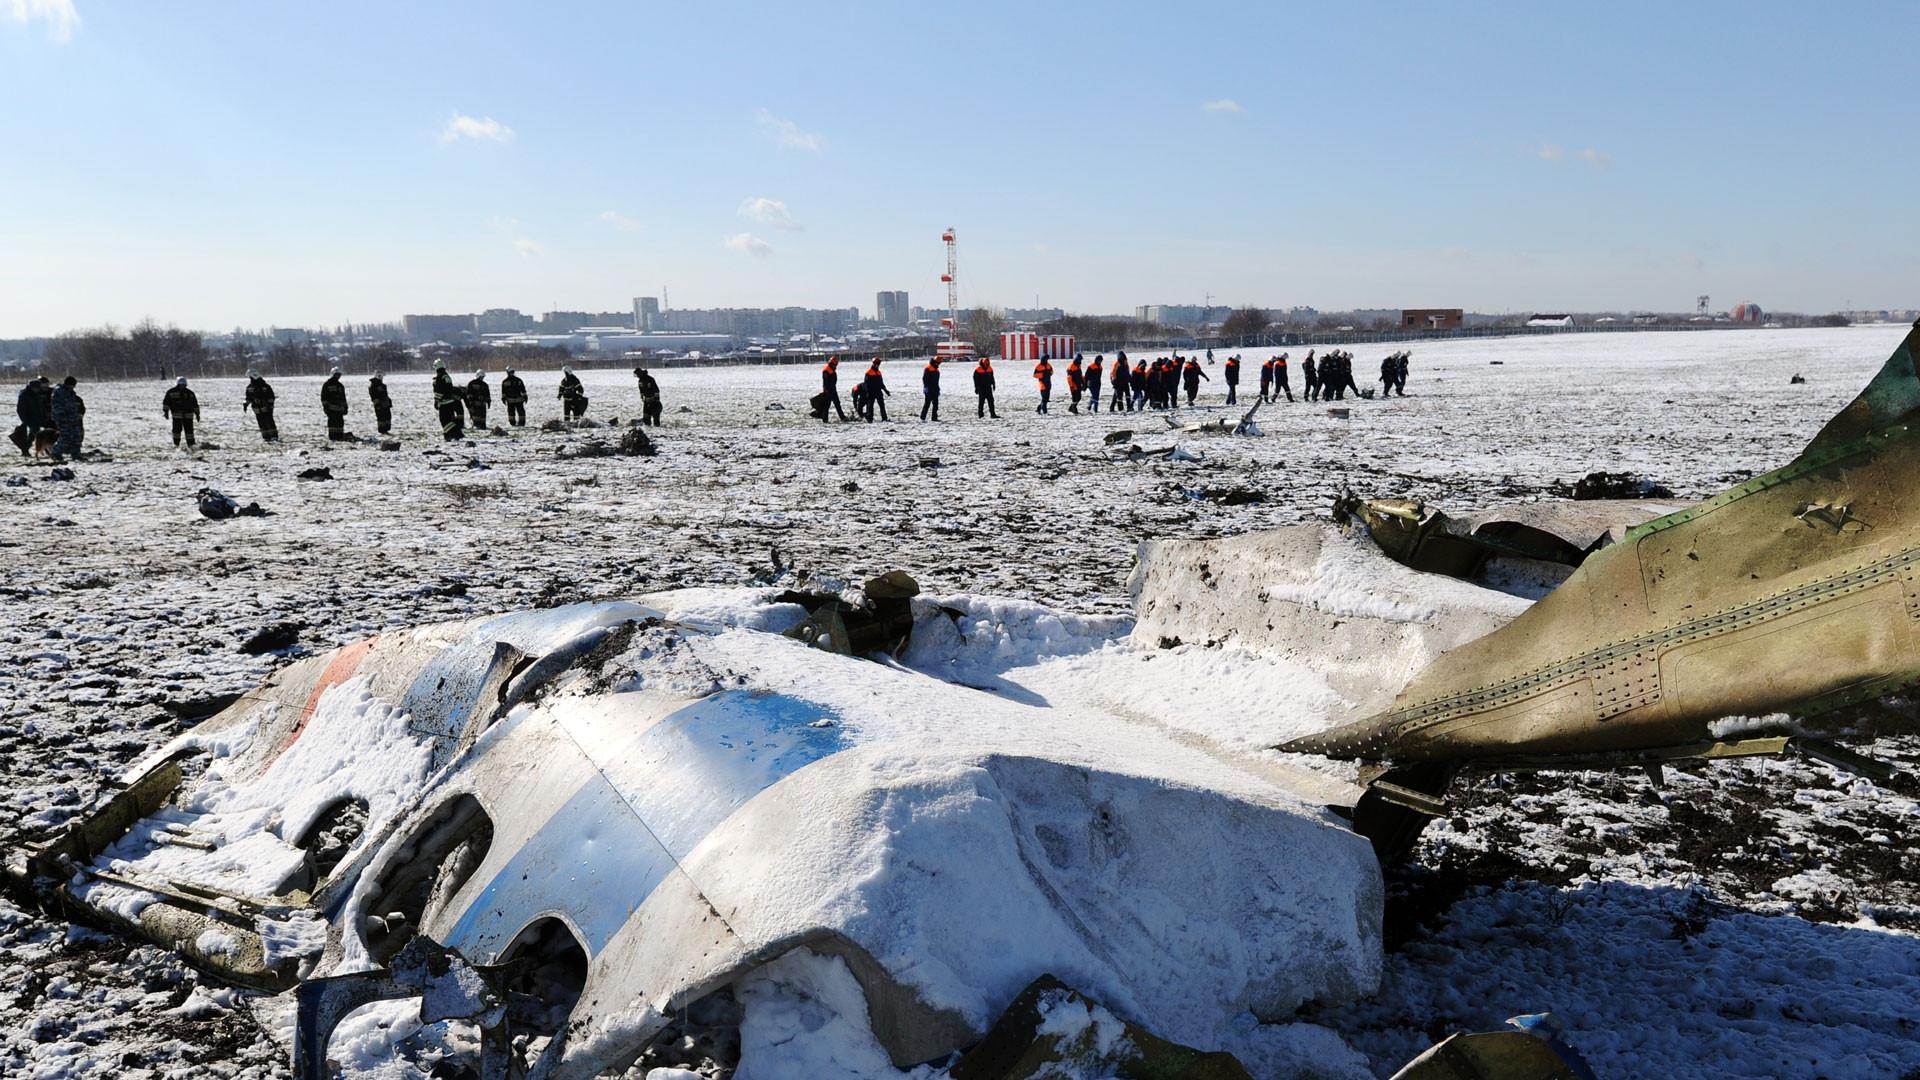 <p><span>На месте крушения пассажирского самолета Boeing-737-800, который разбился при посадке в аэропорту Ростова-на-Дону. Фото: &copy; РИА Новости/Сергей Пивоваров</span></p> <p></p>